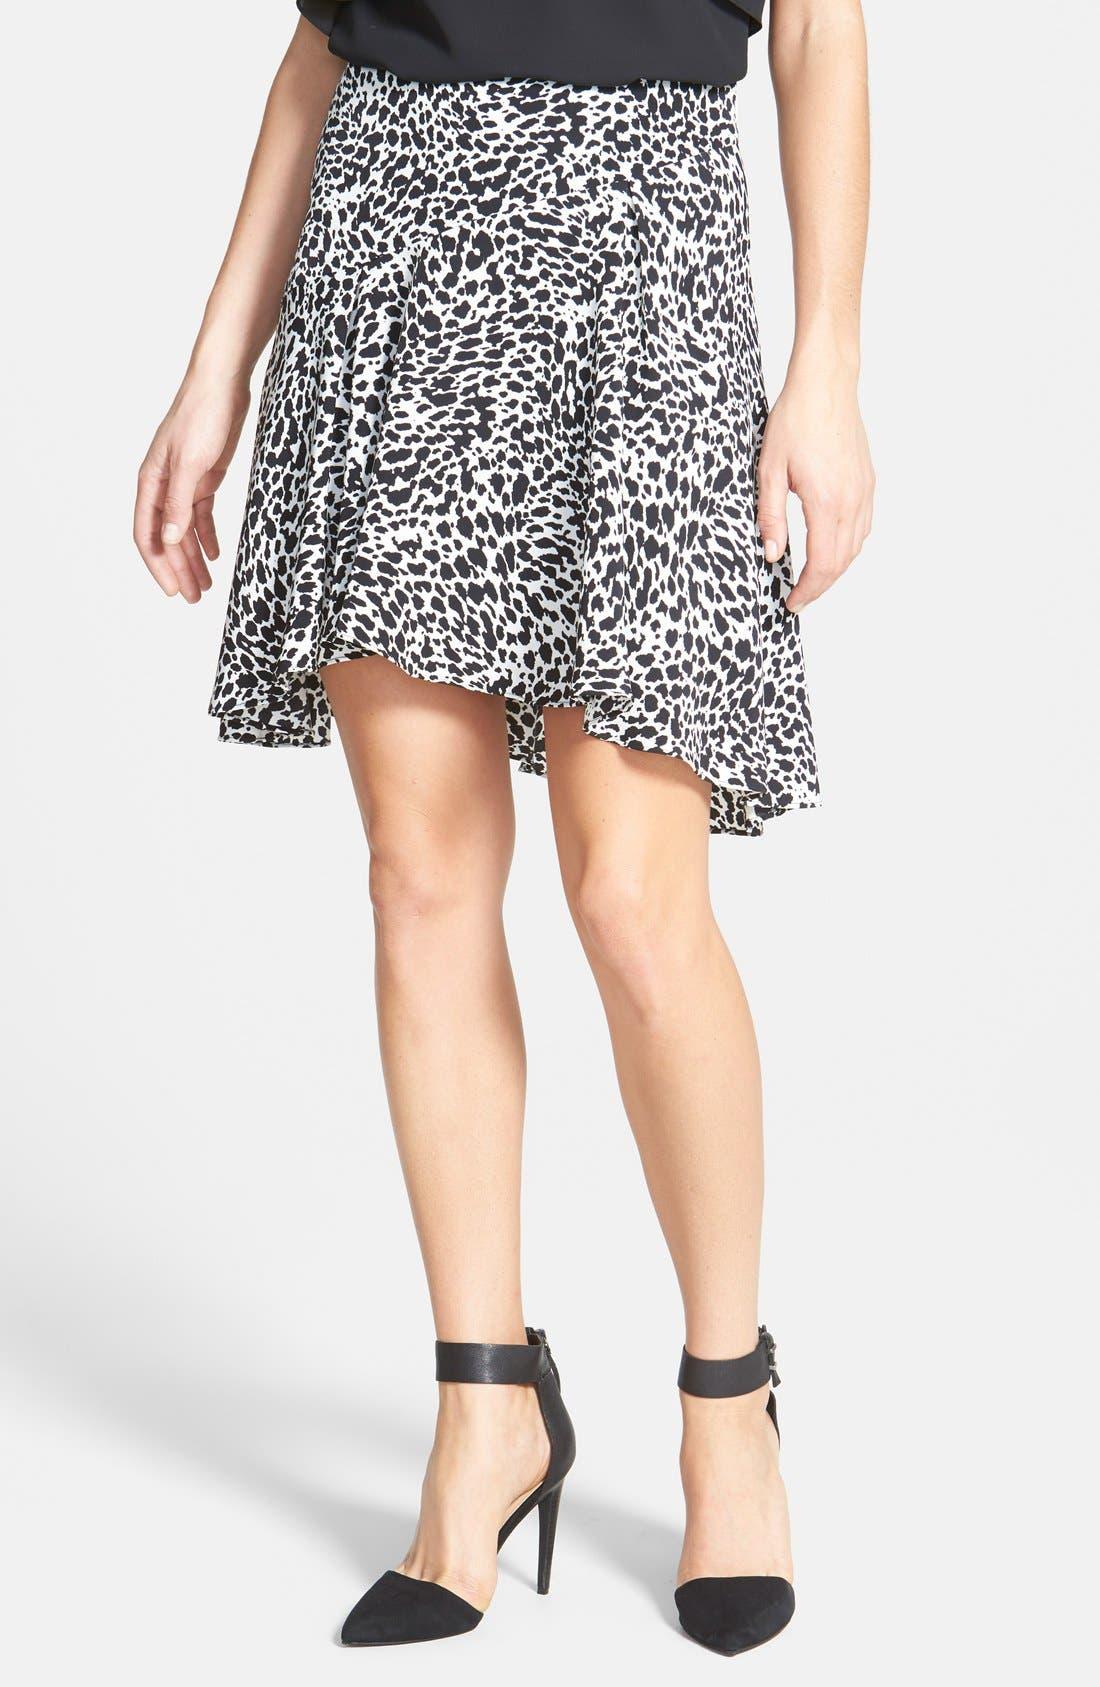 Main Image - Vince Camuto 'Animal Flurry' Asymmetrical Flounce Skirt